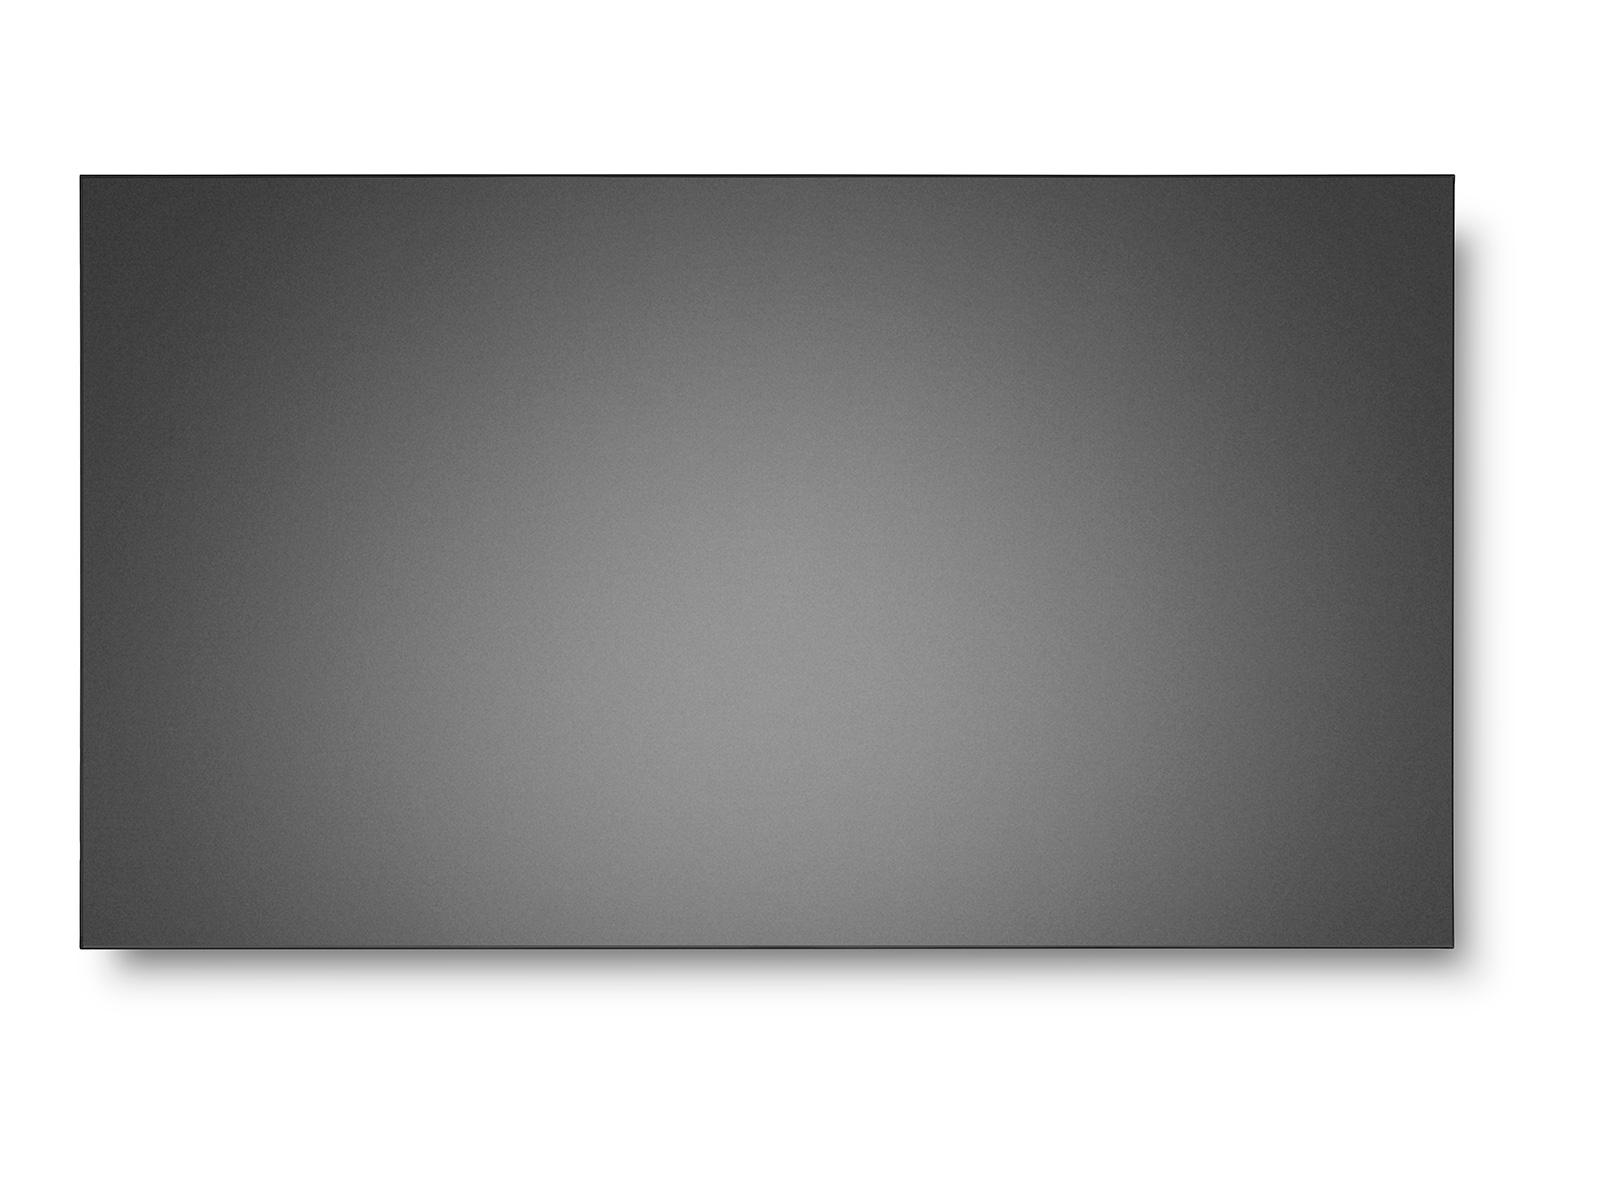 46'' LED NEC UN462A,1920x1080,VA,24/7,700cd 60004517